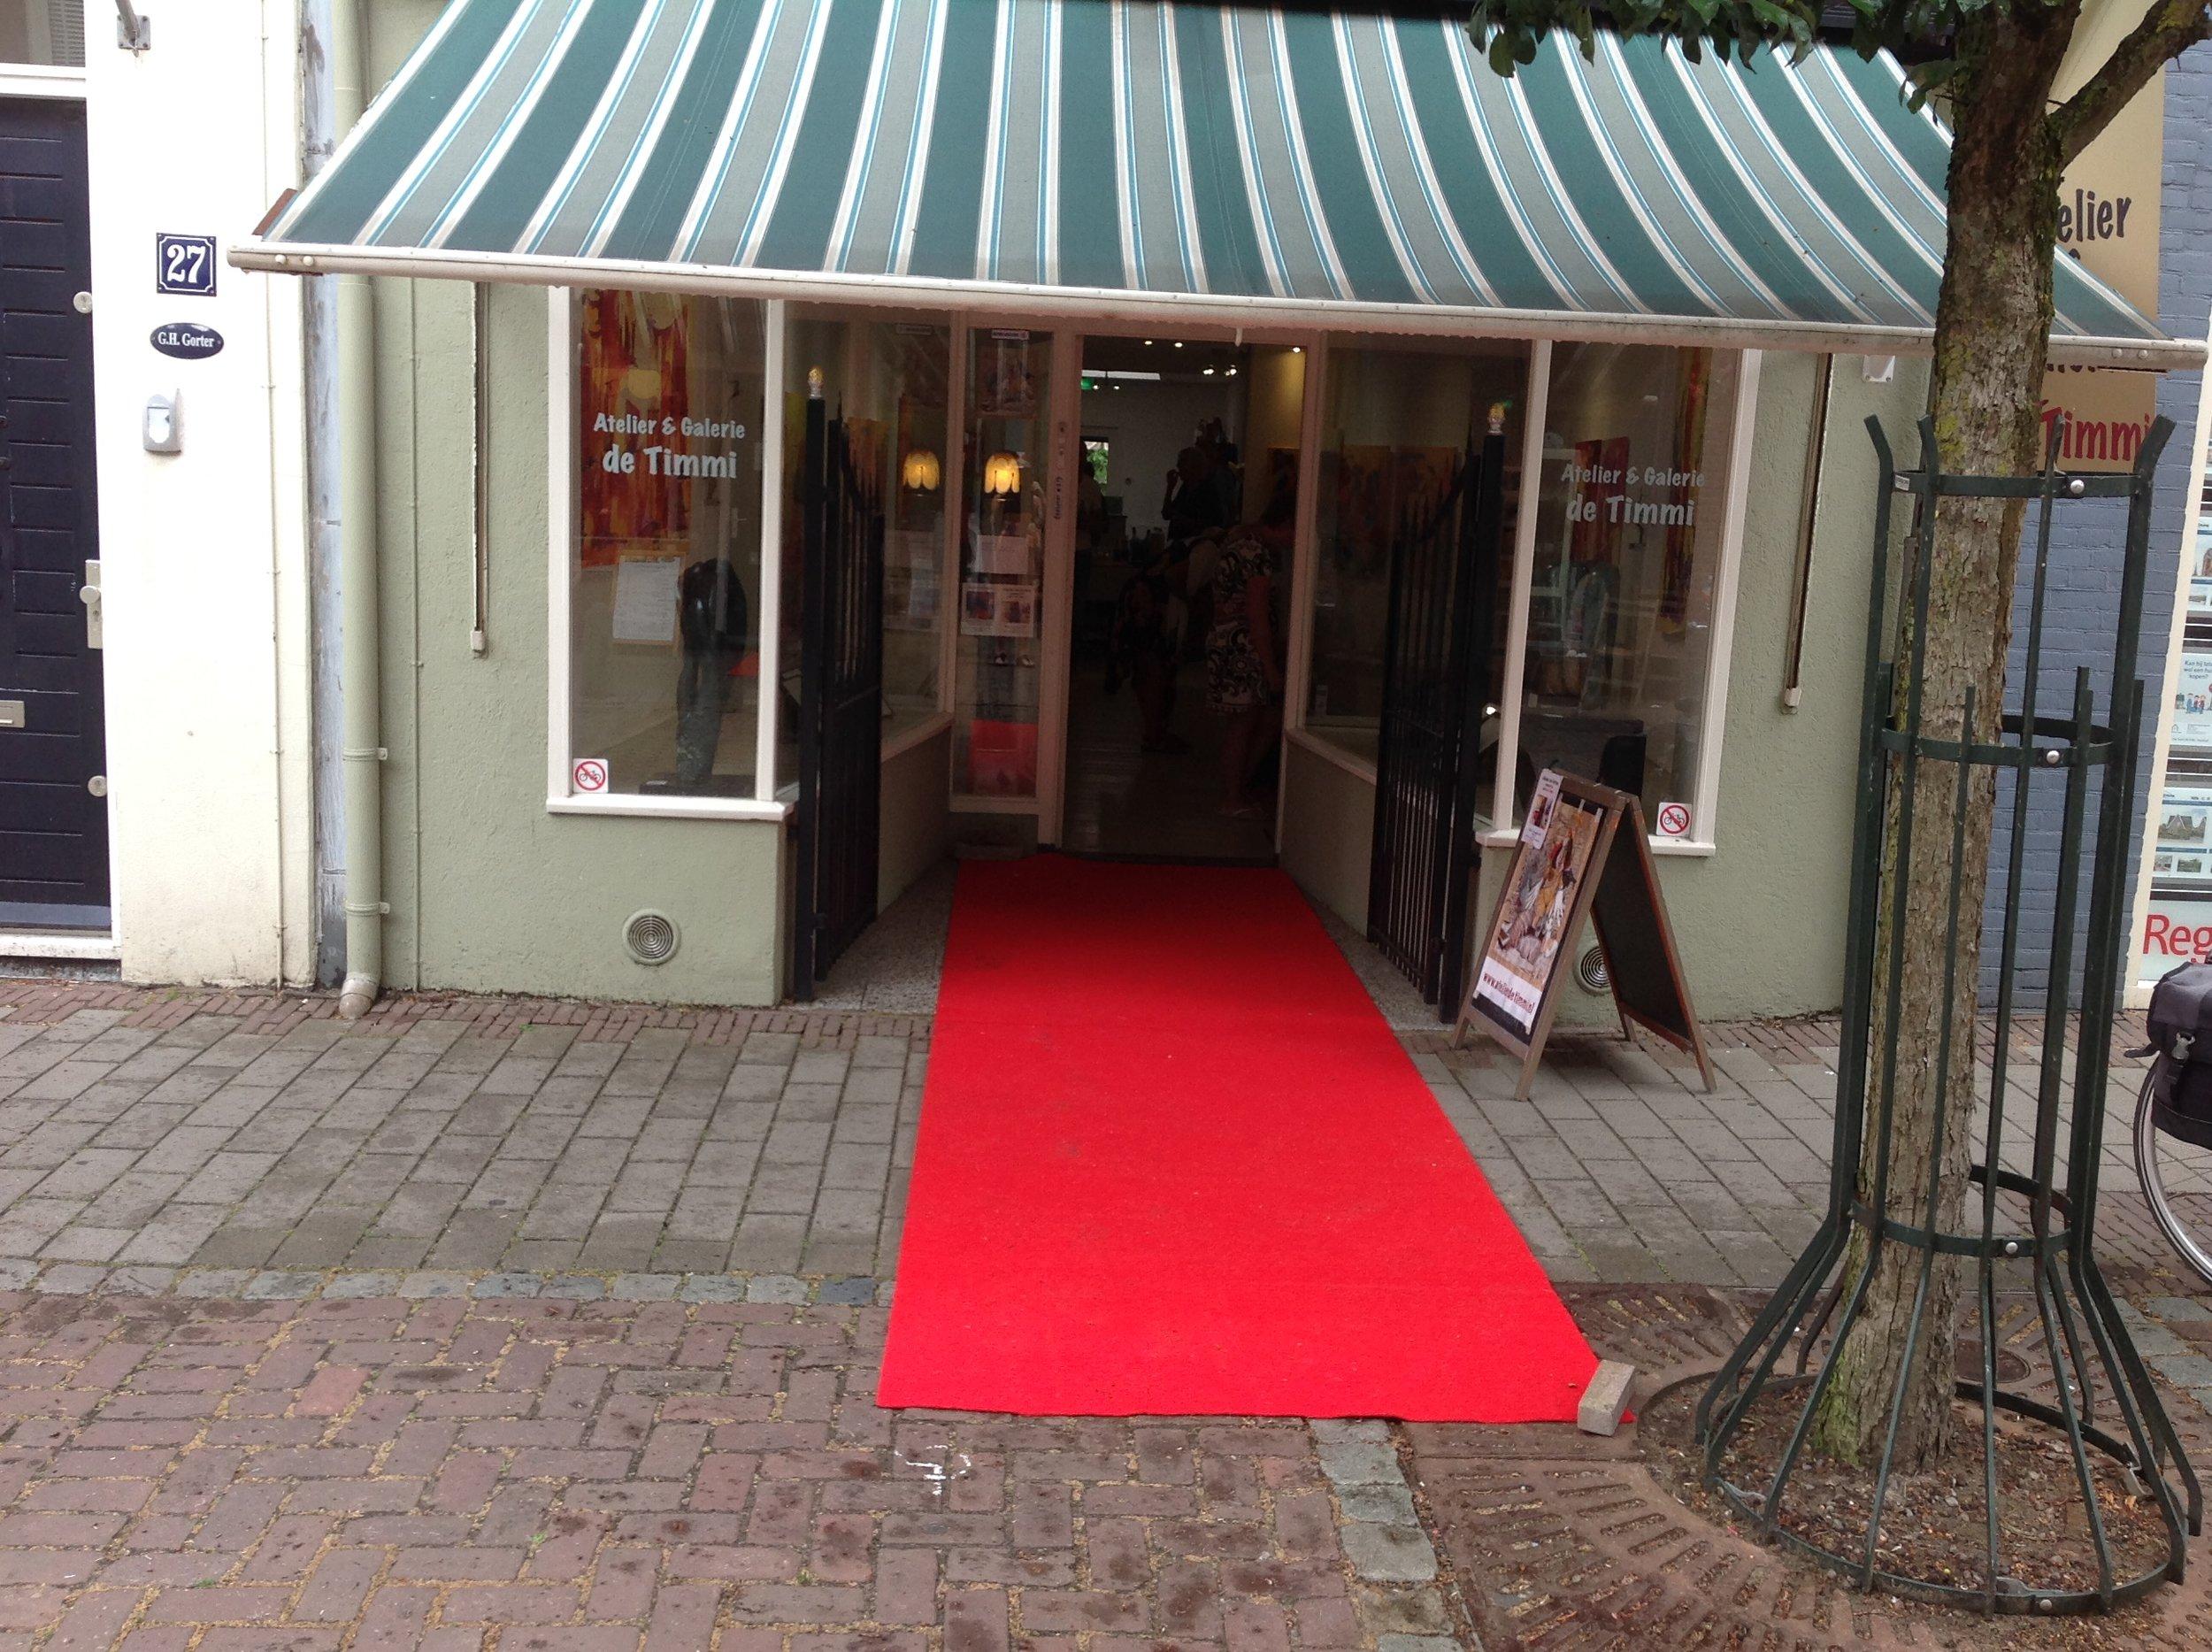 Atelier& Galerie De Timmi . Prachtig liggend in het historisch stadje Doesburg. Kerkstraat 29.